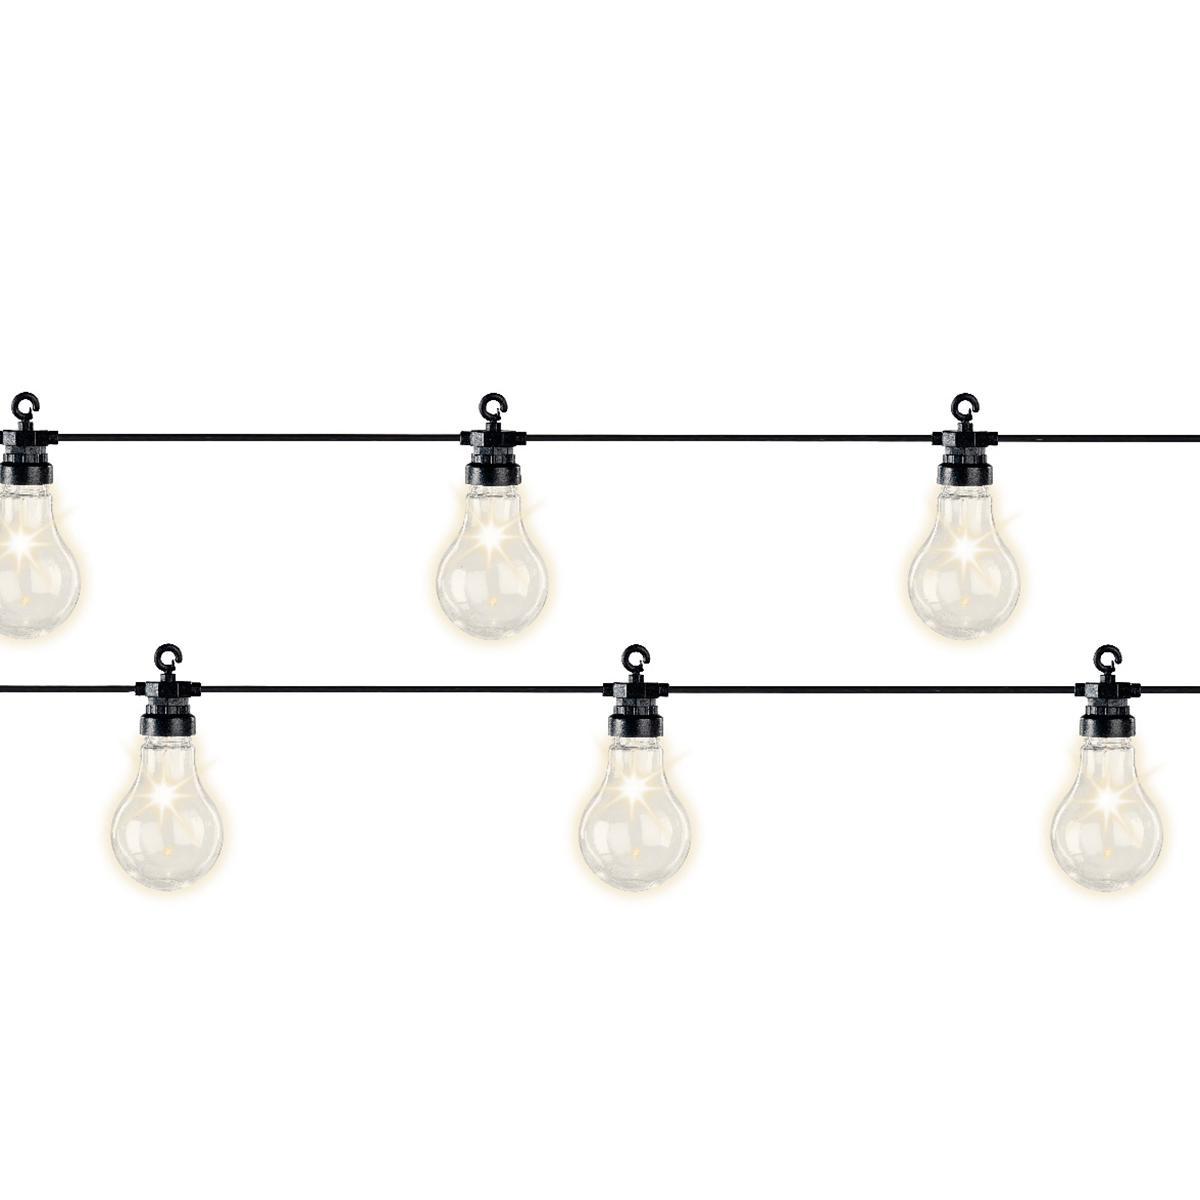 Jardideco Guirlande lumineuse 20 Led ampoules XL - Blanc chaud